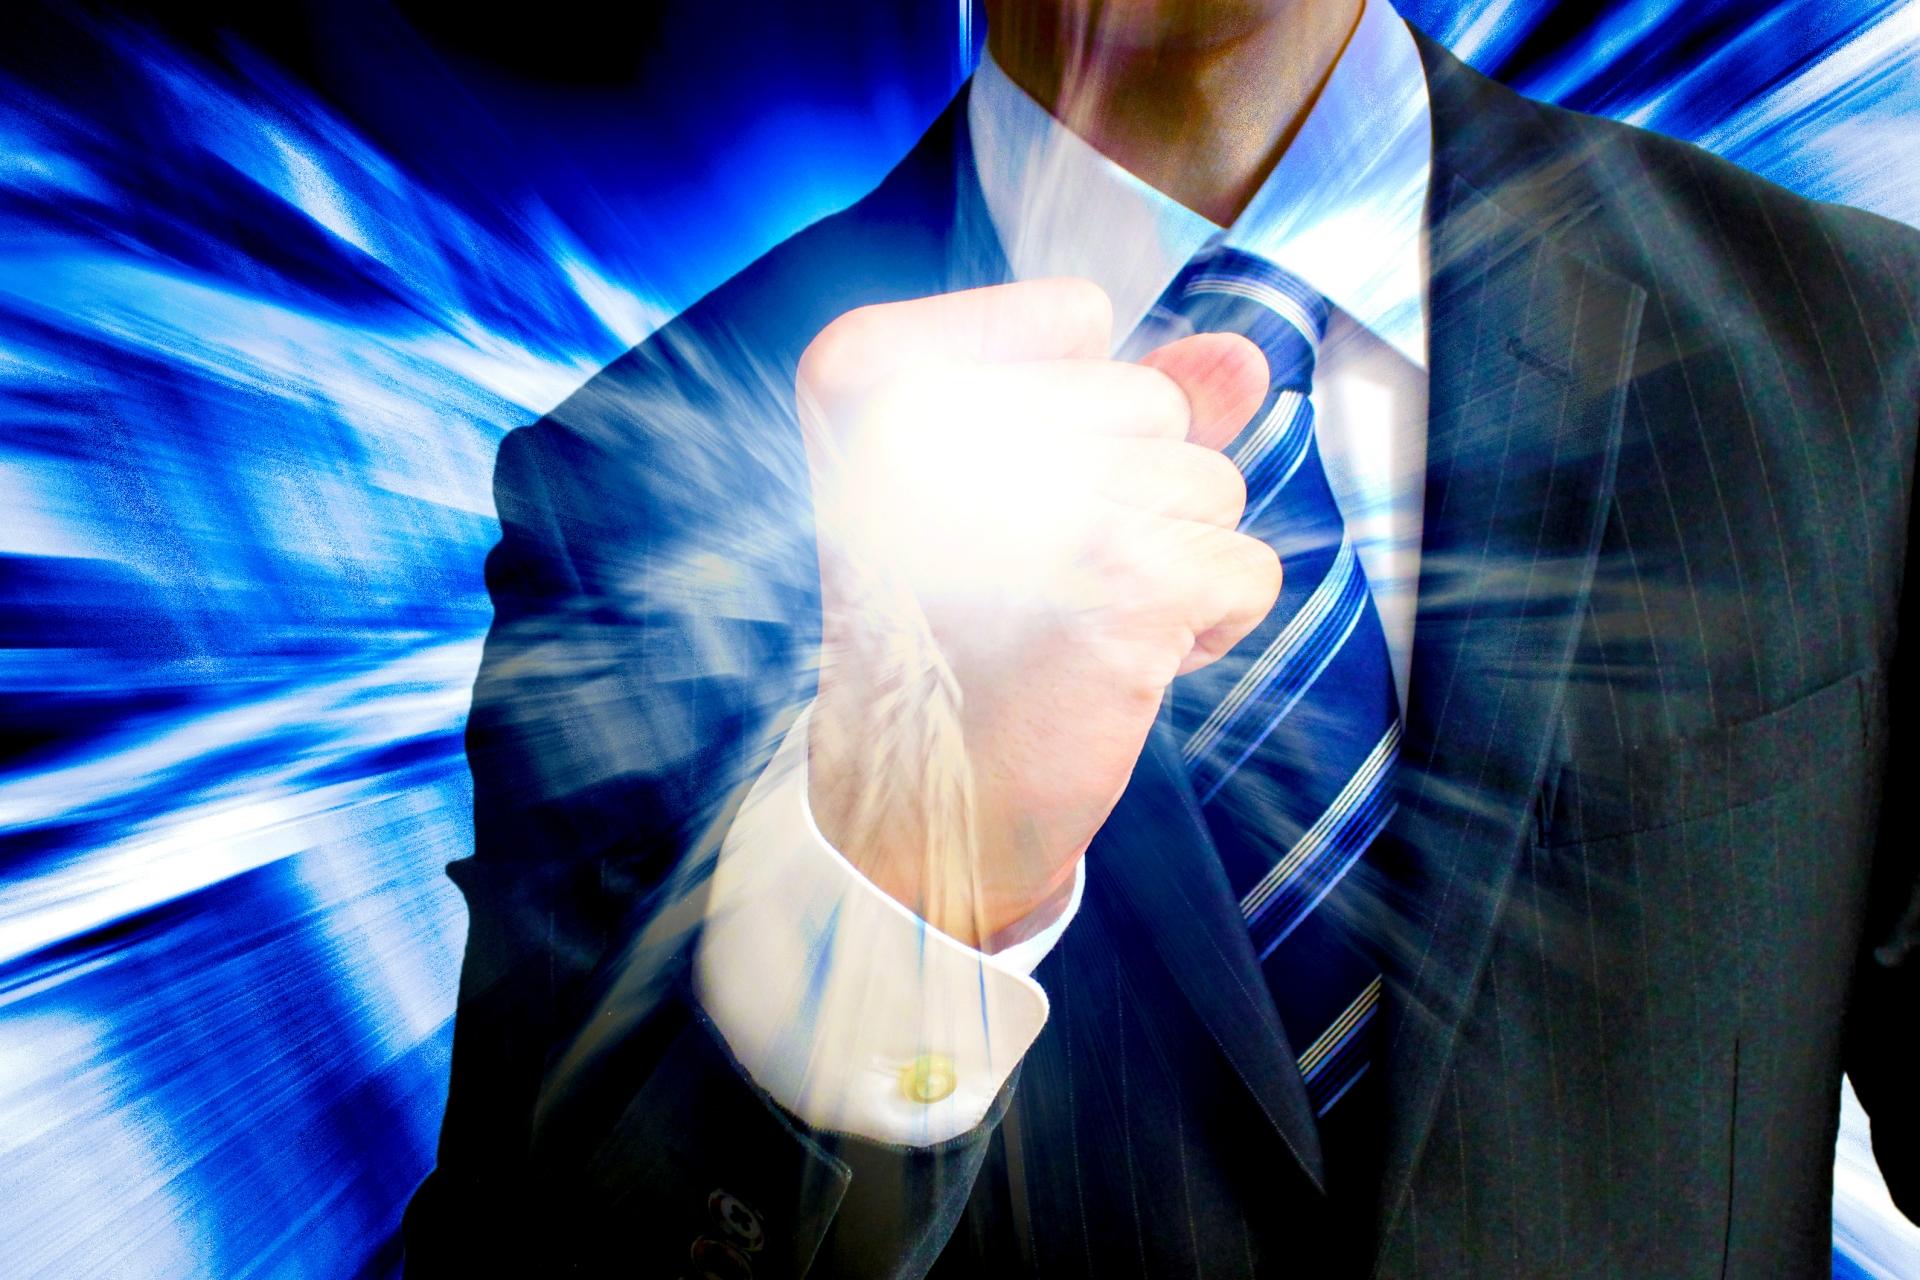 起業したら補助金制度を活用し、ビジネスチャンスを広げよう